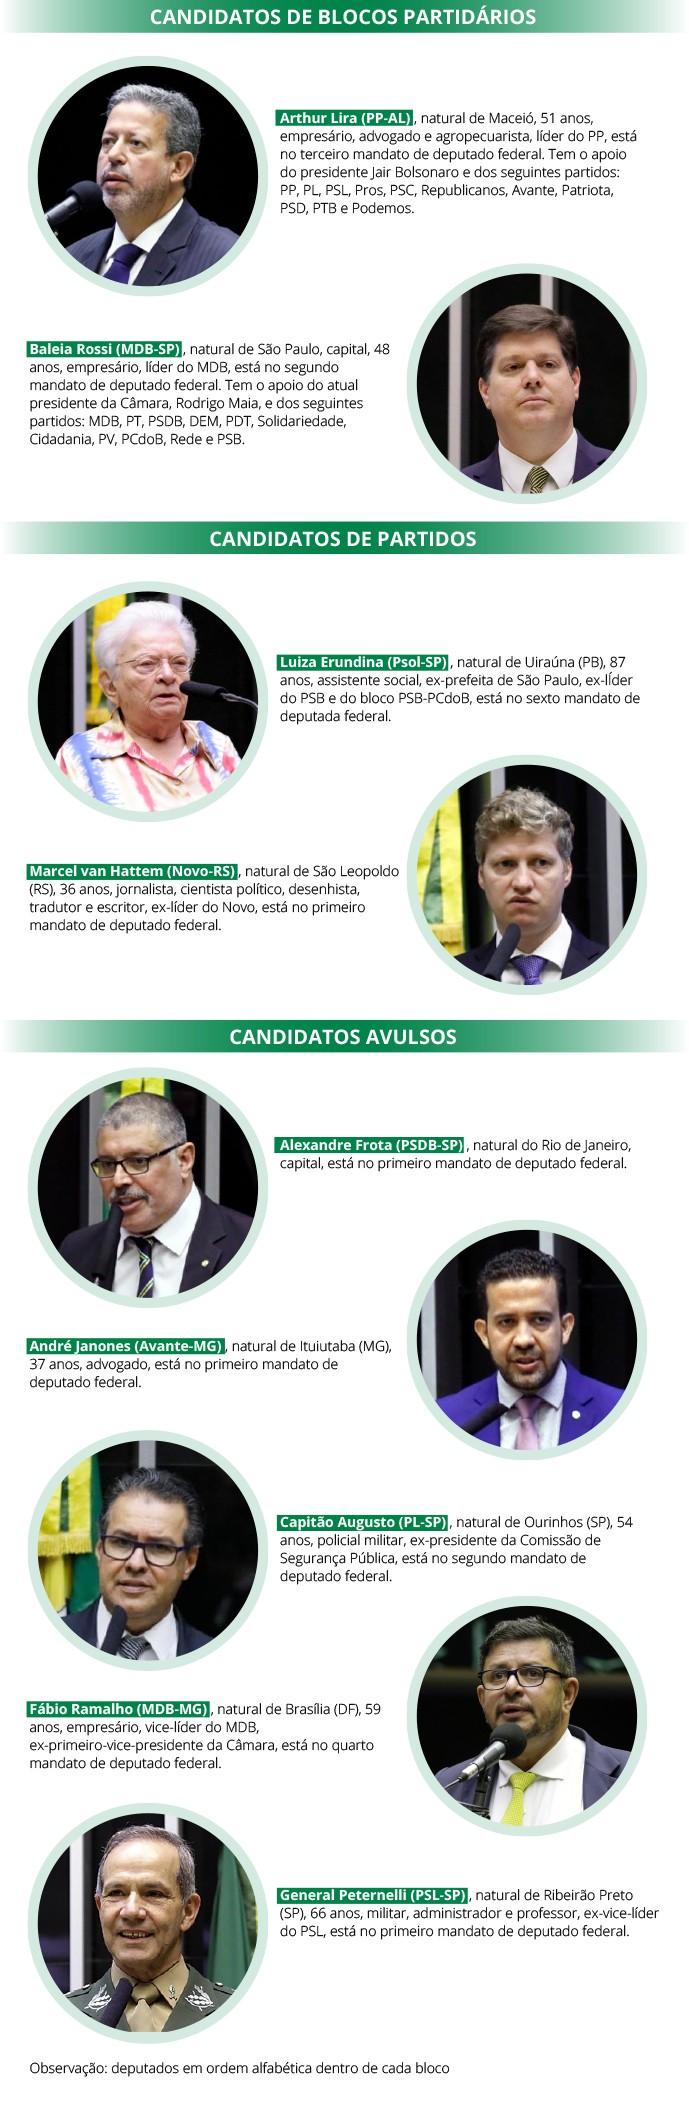 candidatos-camara-presidente (Foto: Reprodução/Câmara dos Deputados)